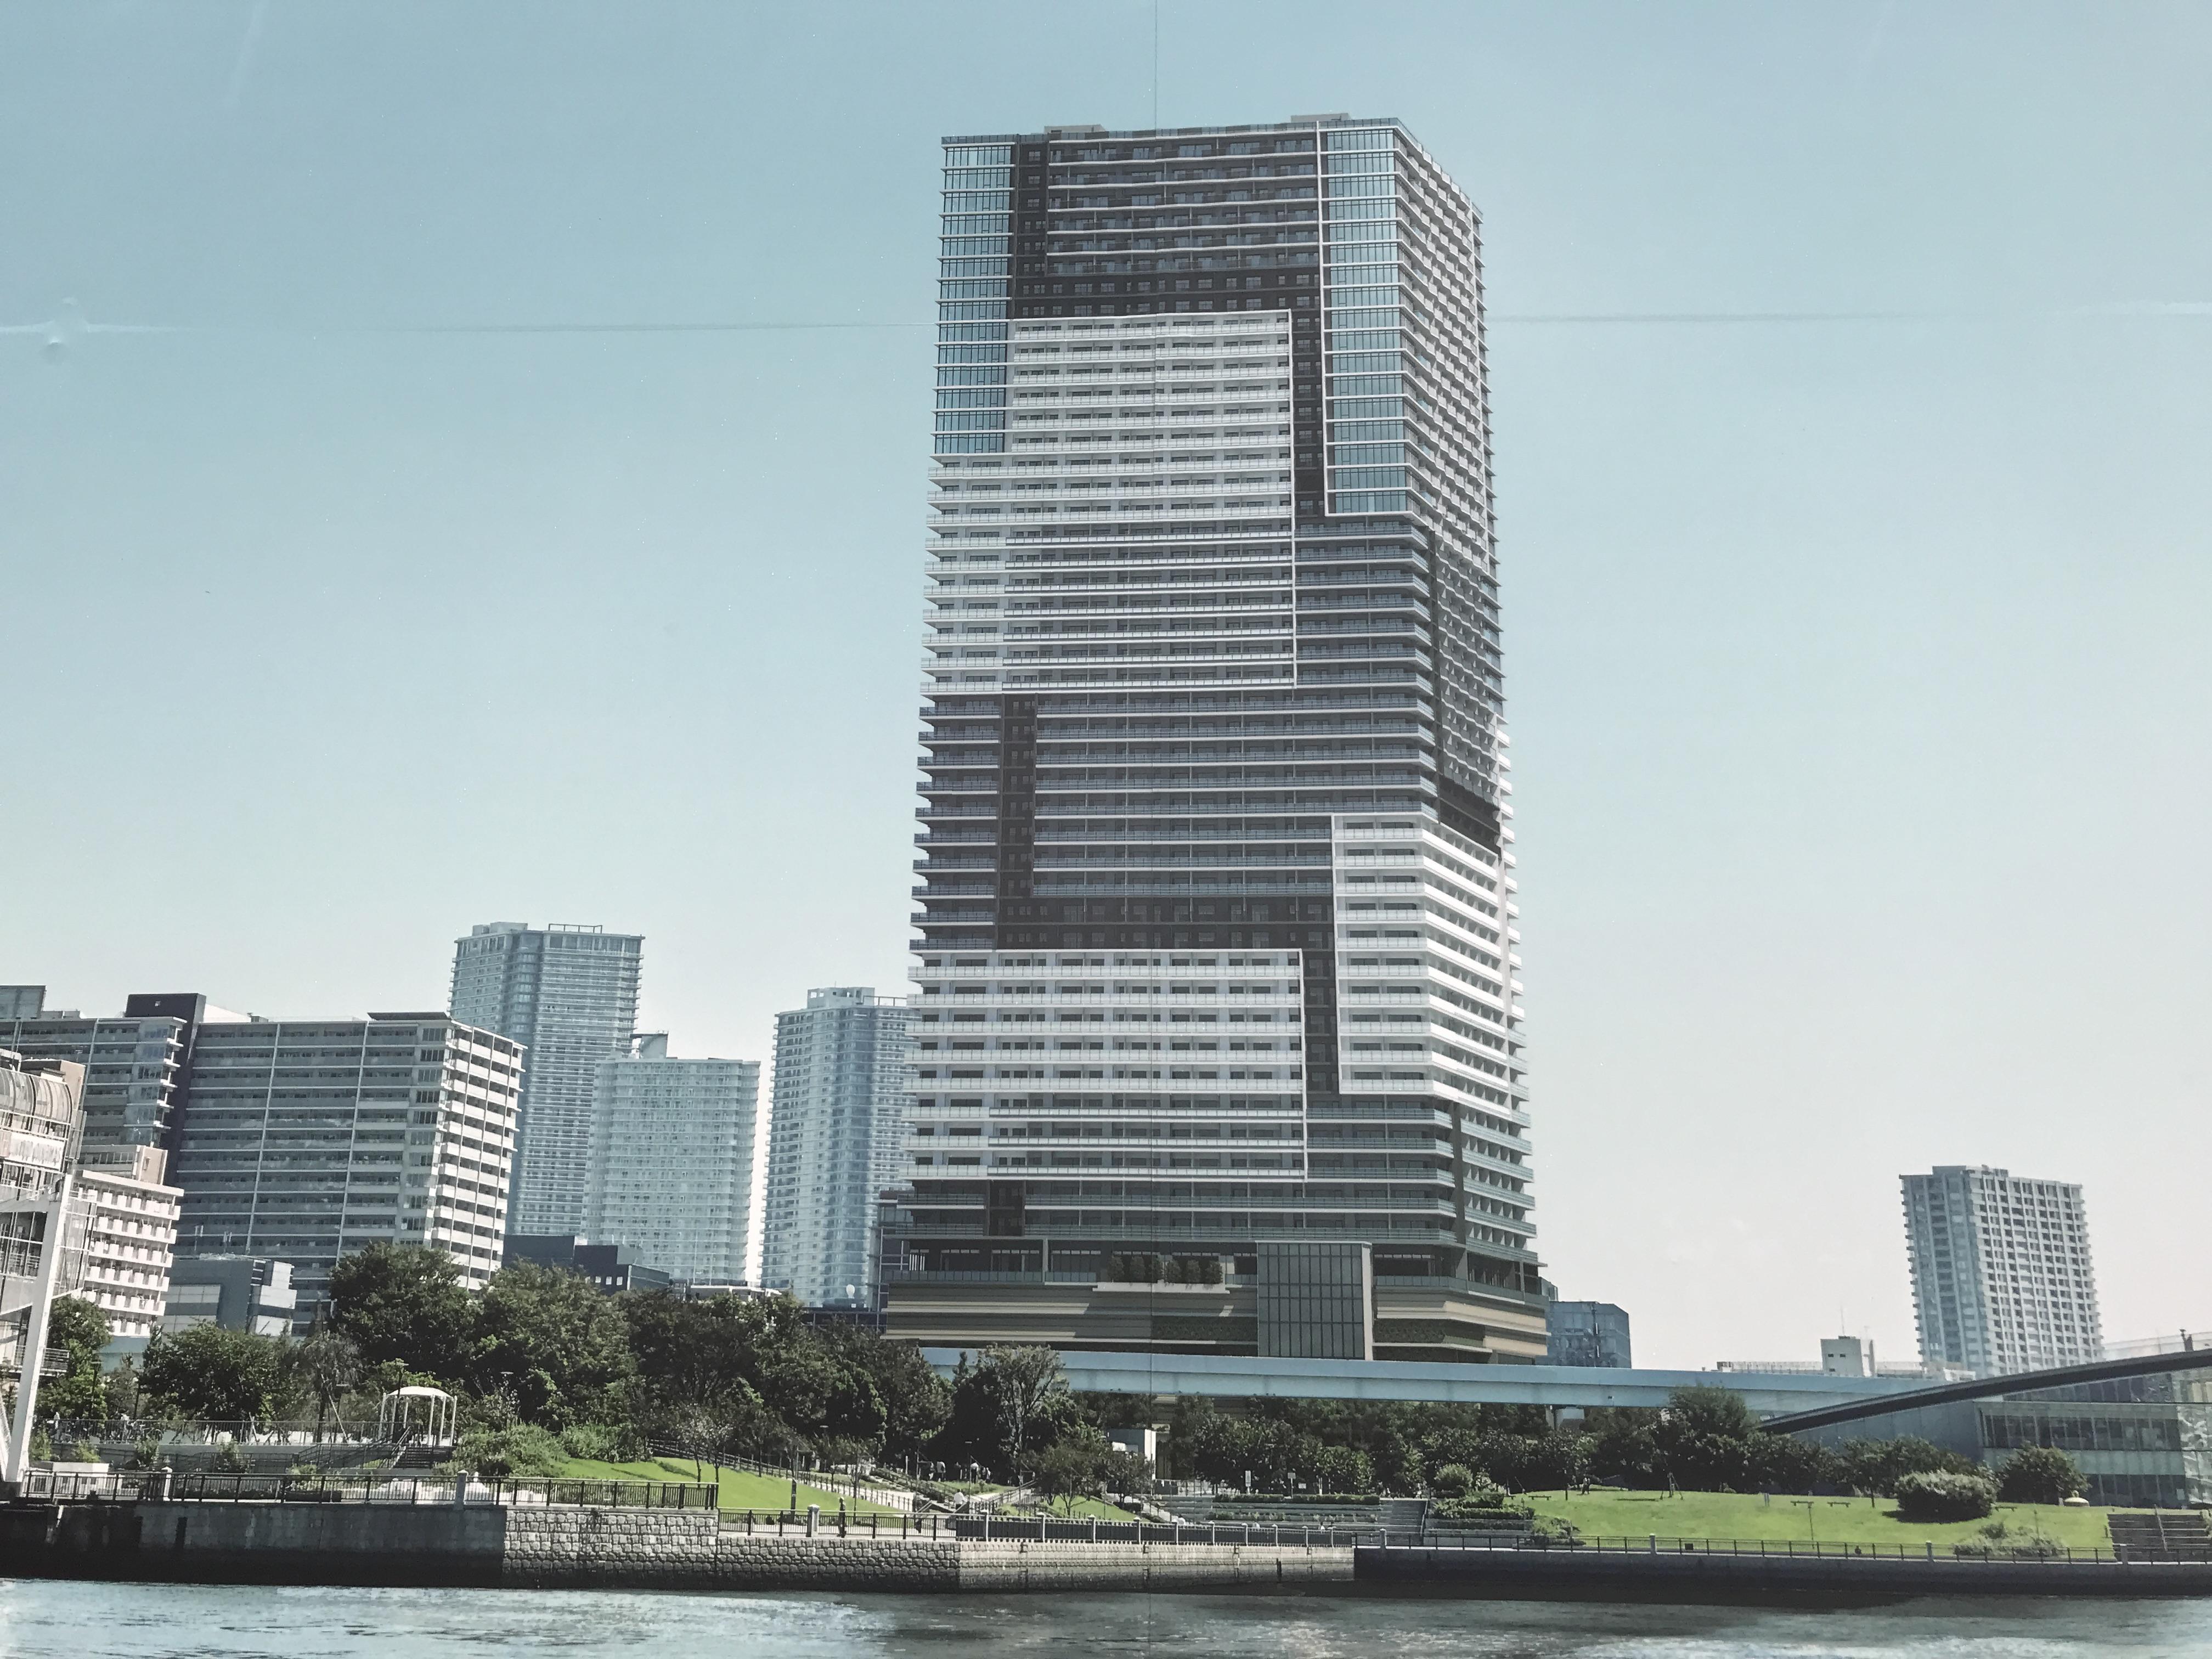 タワー 価格 ブランズ 豊洲